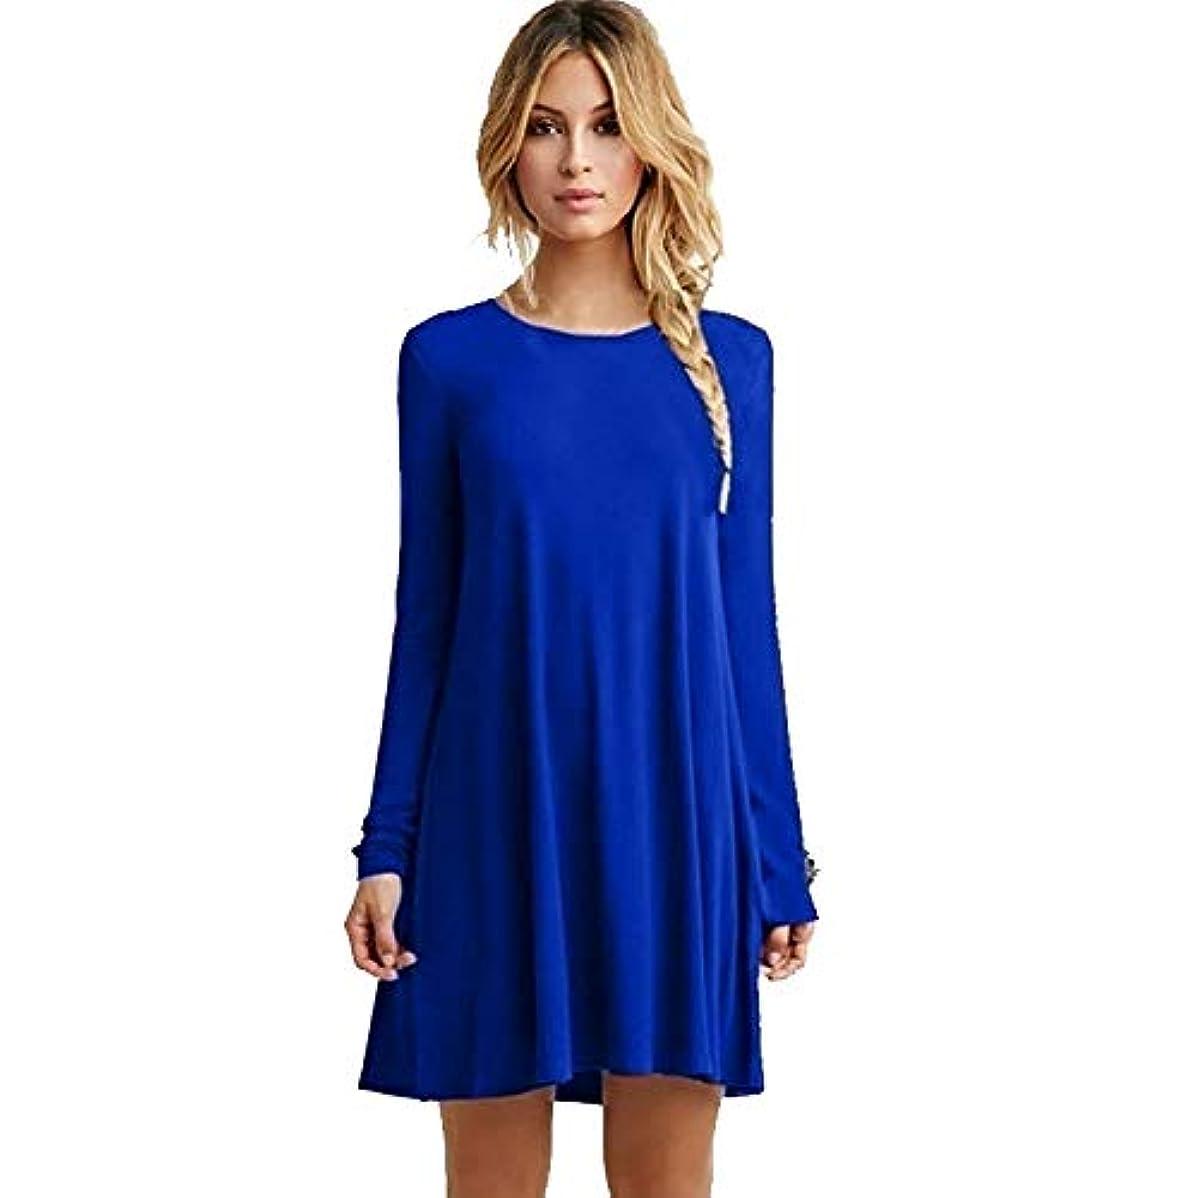 代わりの油針MIFANルースドレス、プラスサイズのドレス、長袖のドレス、女性のドレス、秋のドレス、マキシドレス、コットンドレス